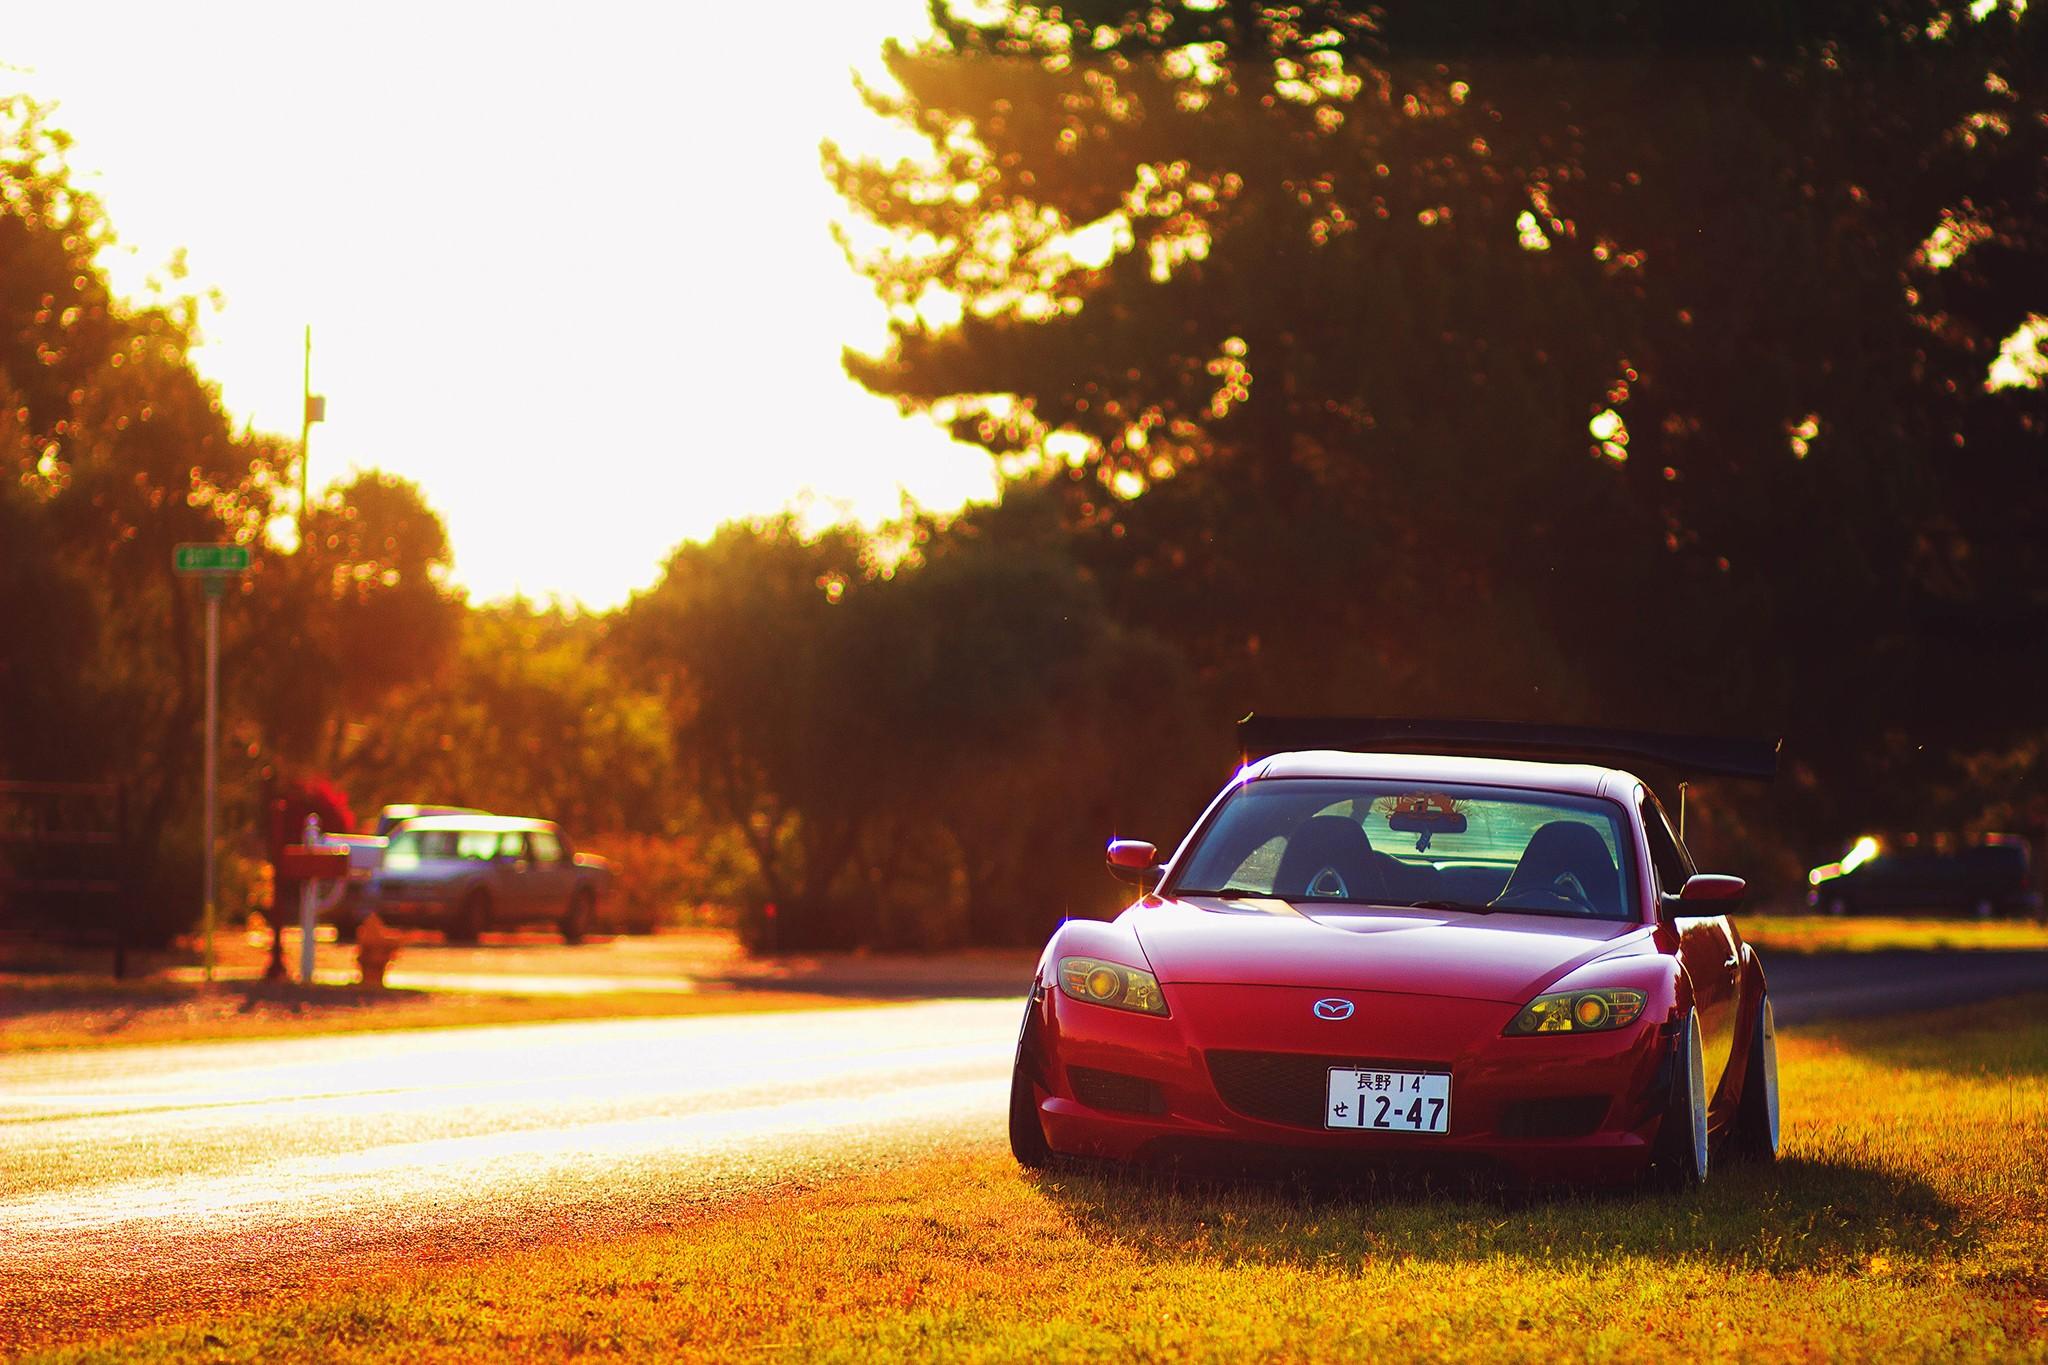 Wallpaper 2048x1365 Px Drift Evening Lights Mazda Rx 8